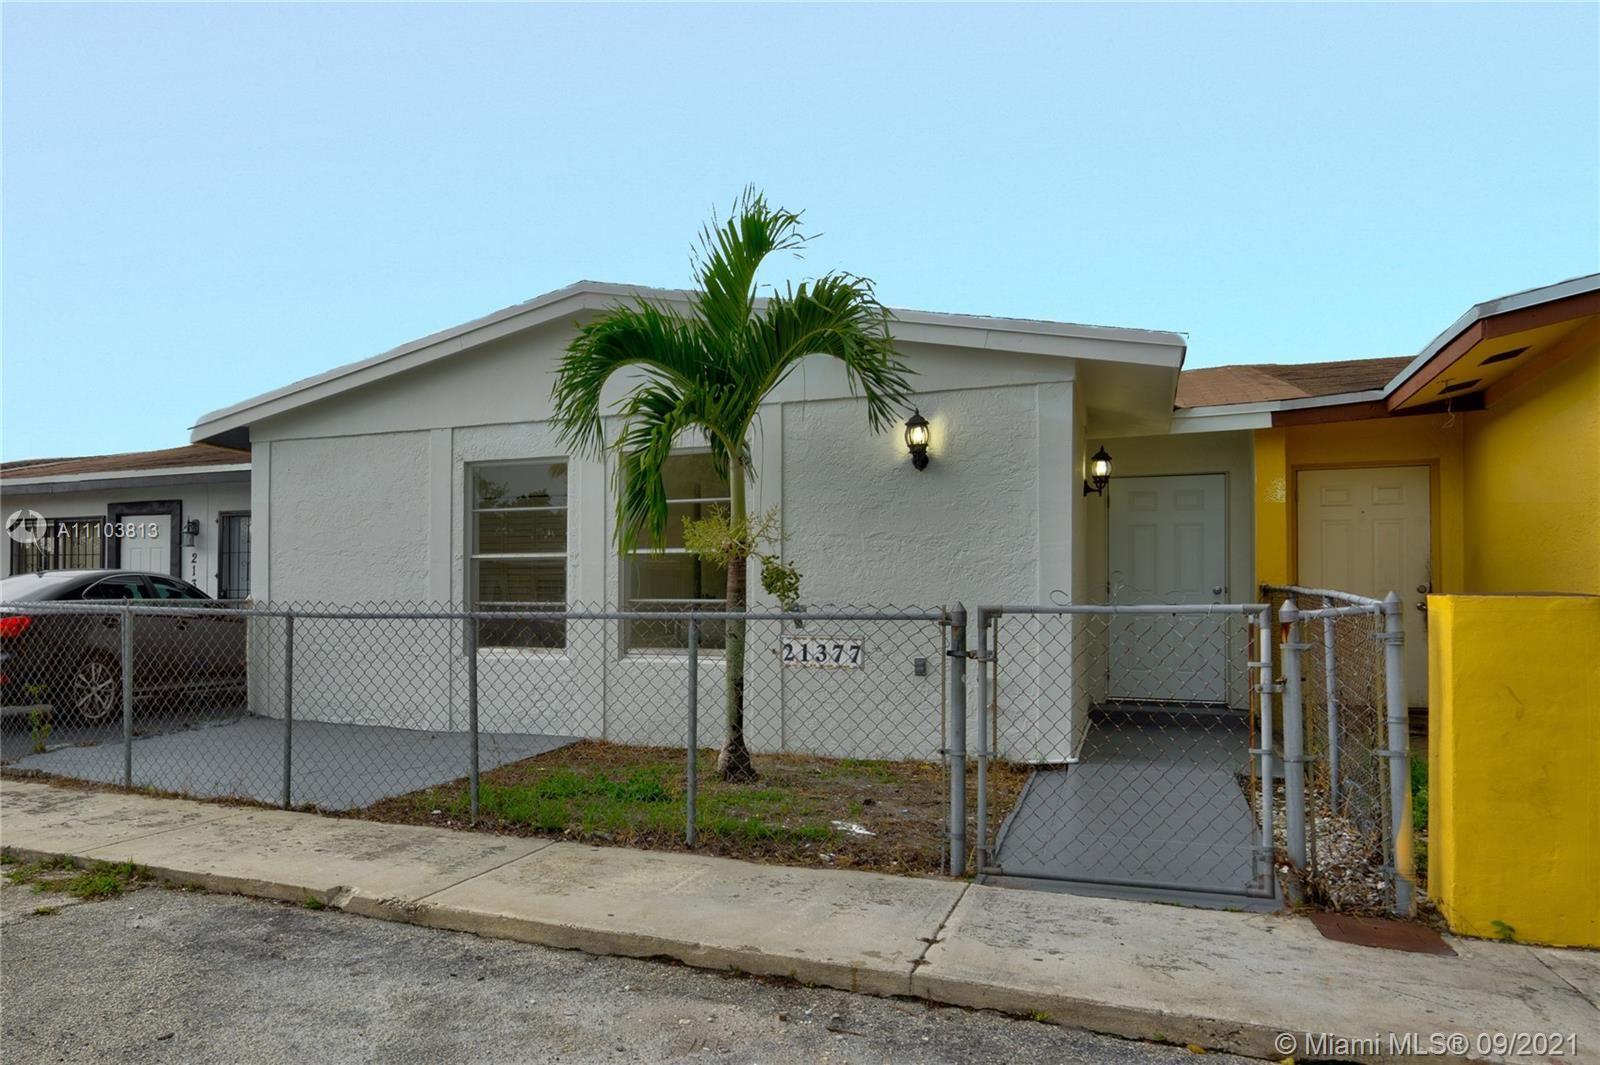 21377 NW 39th Ave, Miami Gardens, FL 33055 - #: A11103813